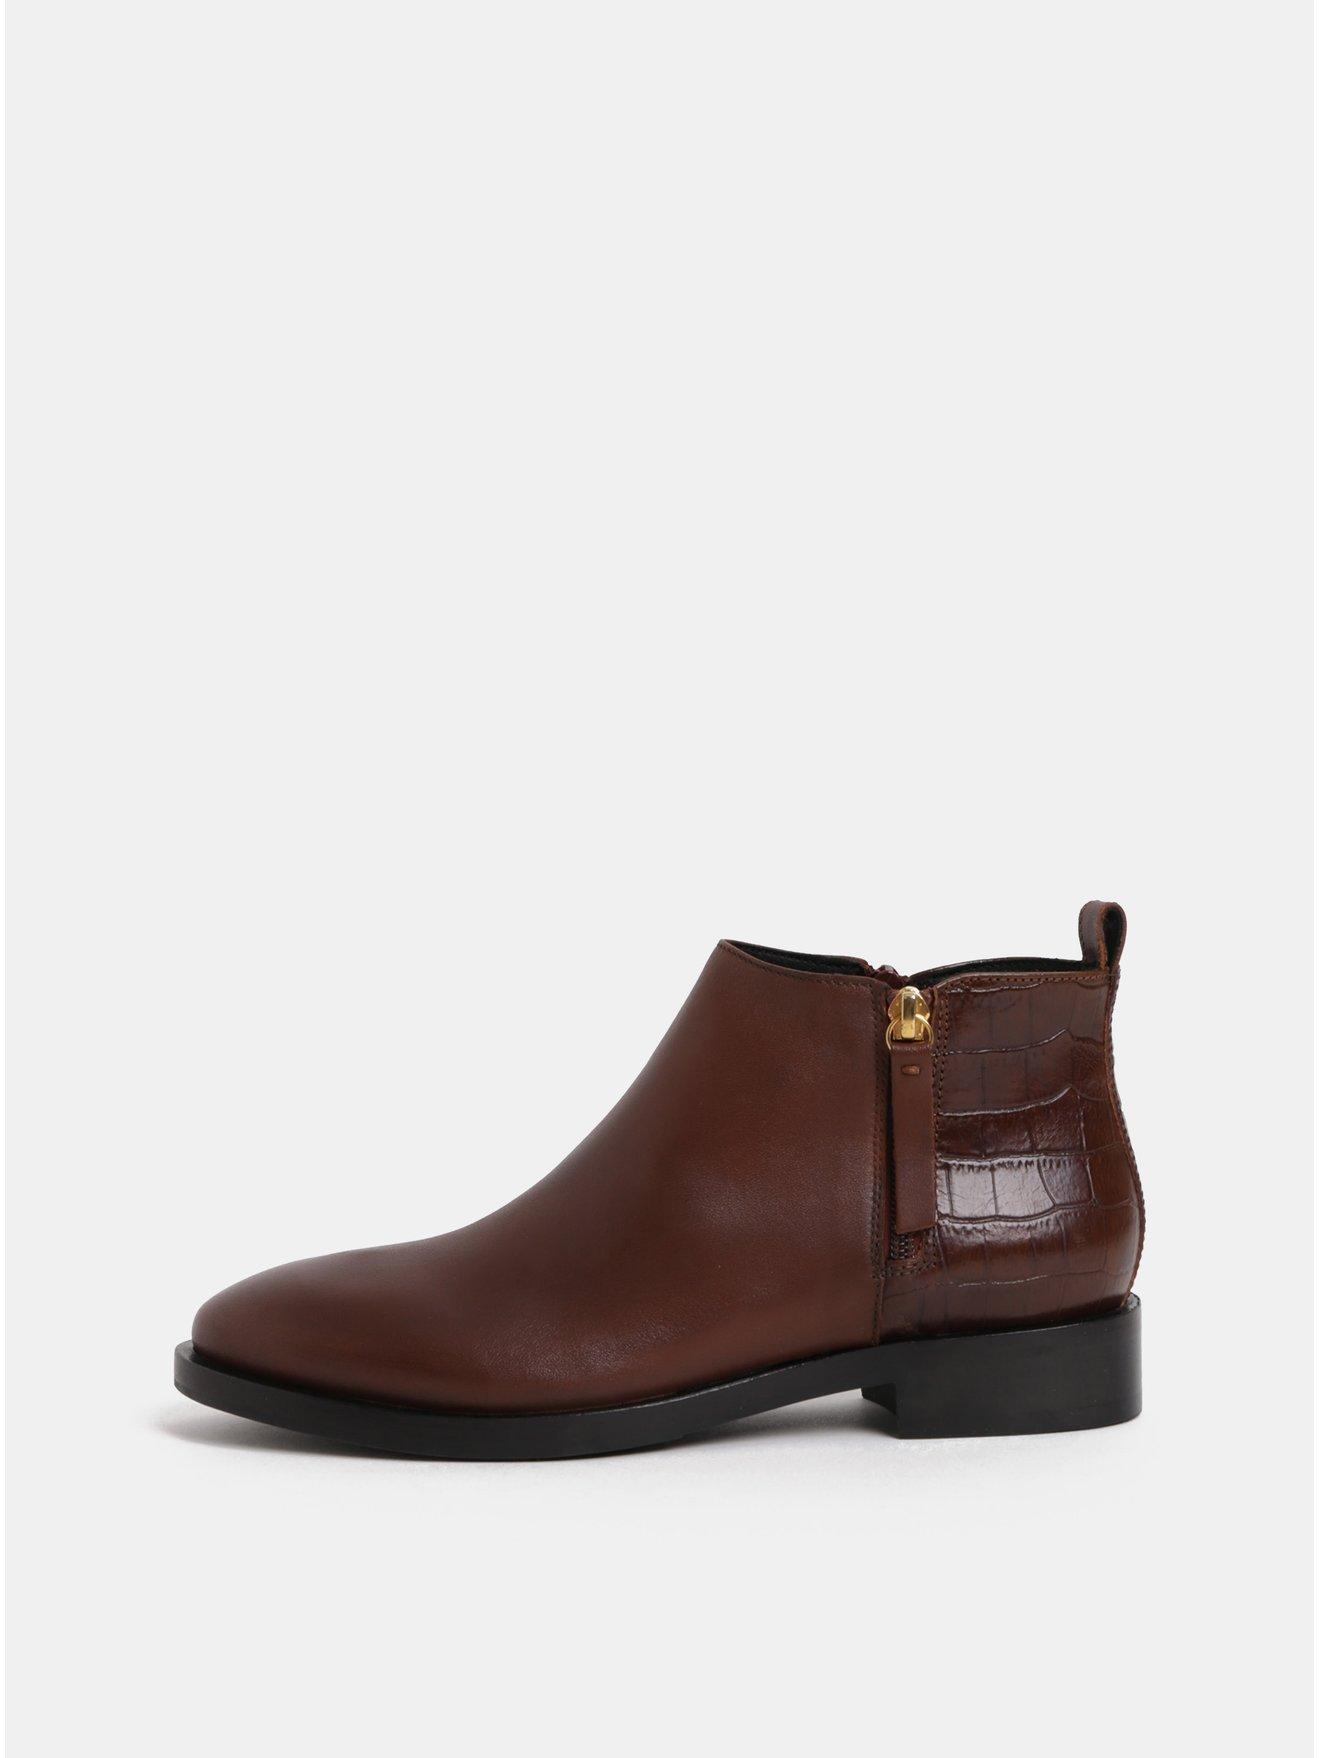 Hnědé dámské kožené kotníkové boty se zipy Geox Brogue